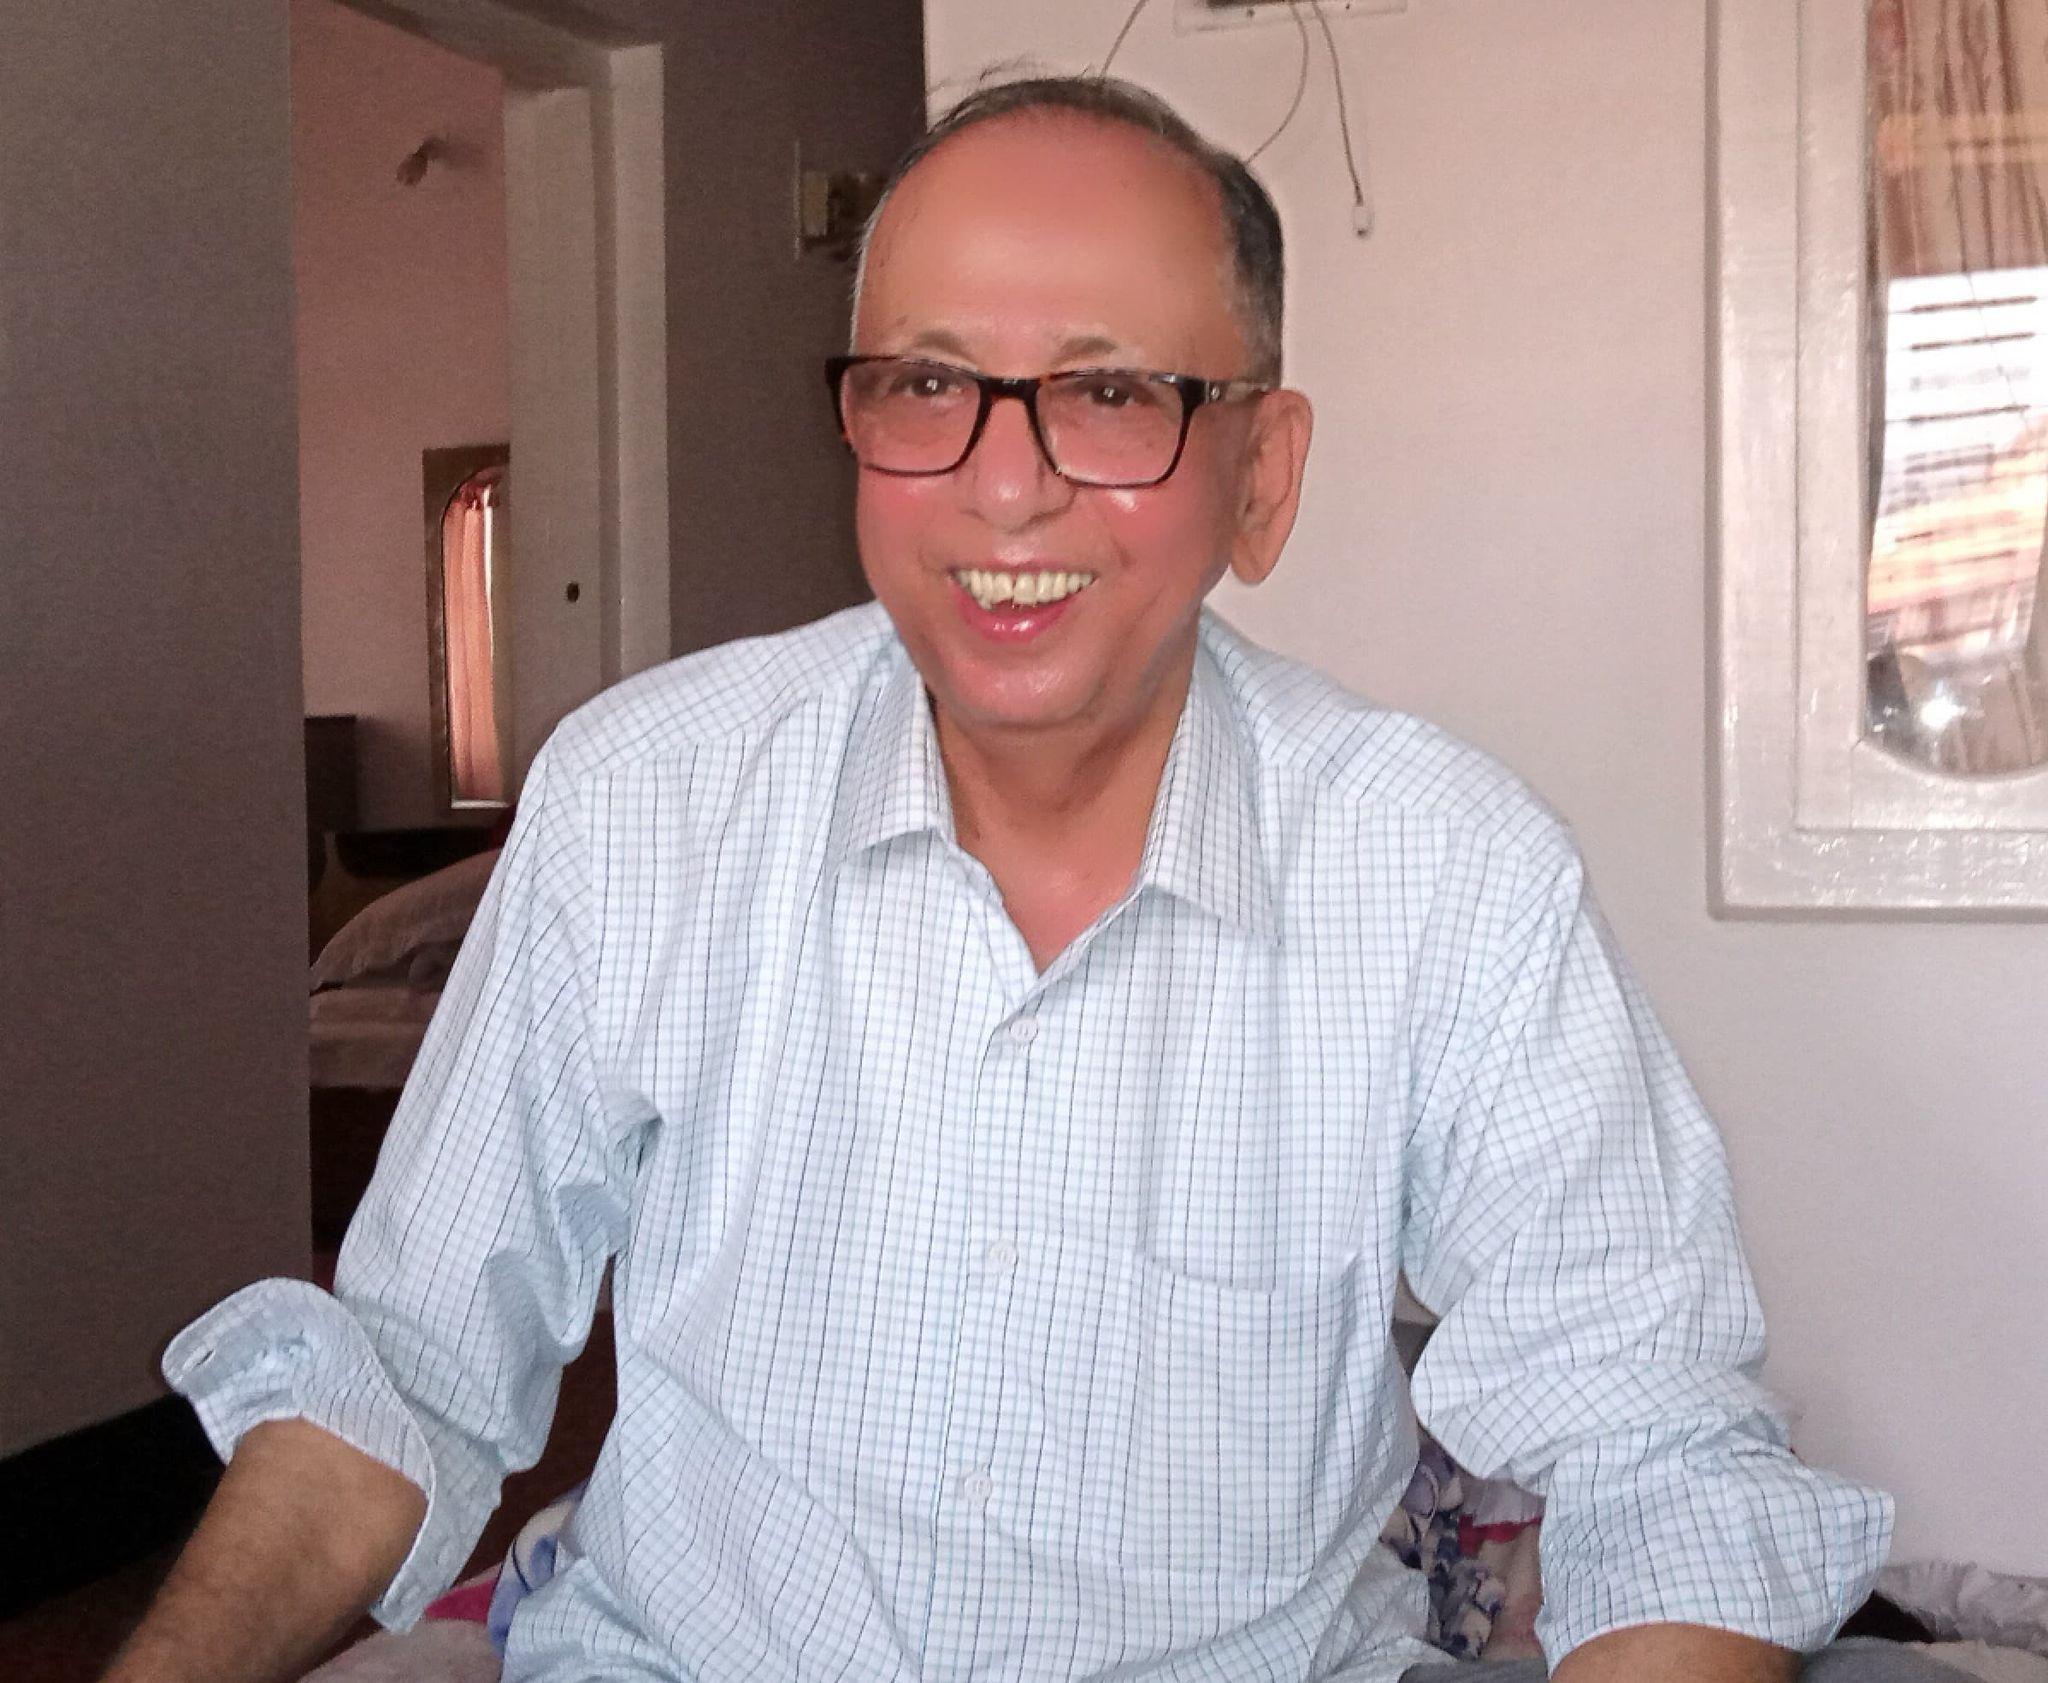 पार्टी र व्यापारिक पत्रकारिता हावी भयो – मदनलाल पौडेल (अन्तर्वार्ता)